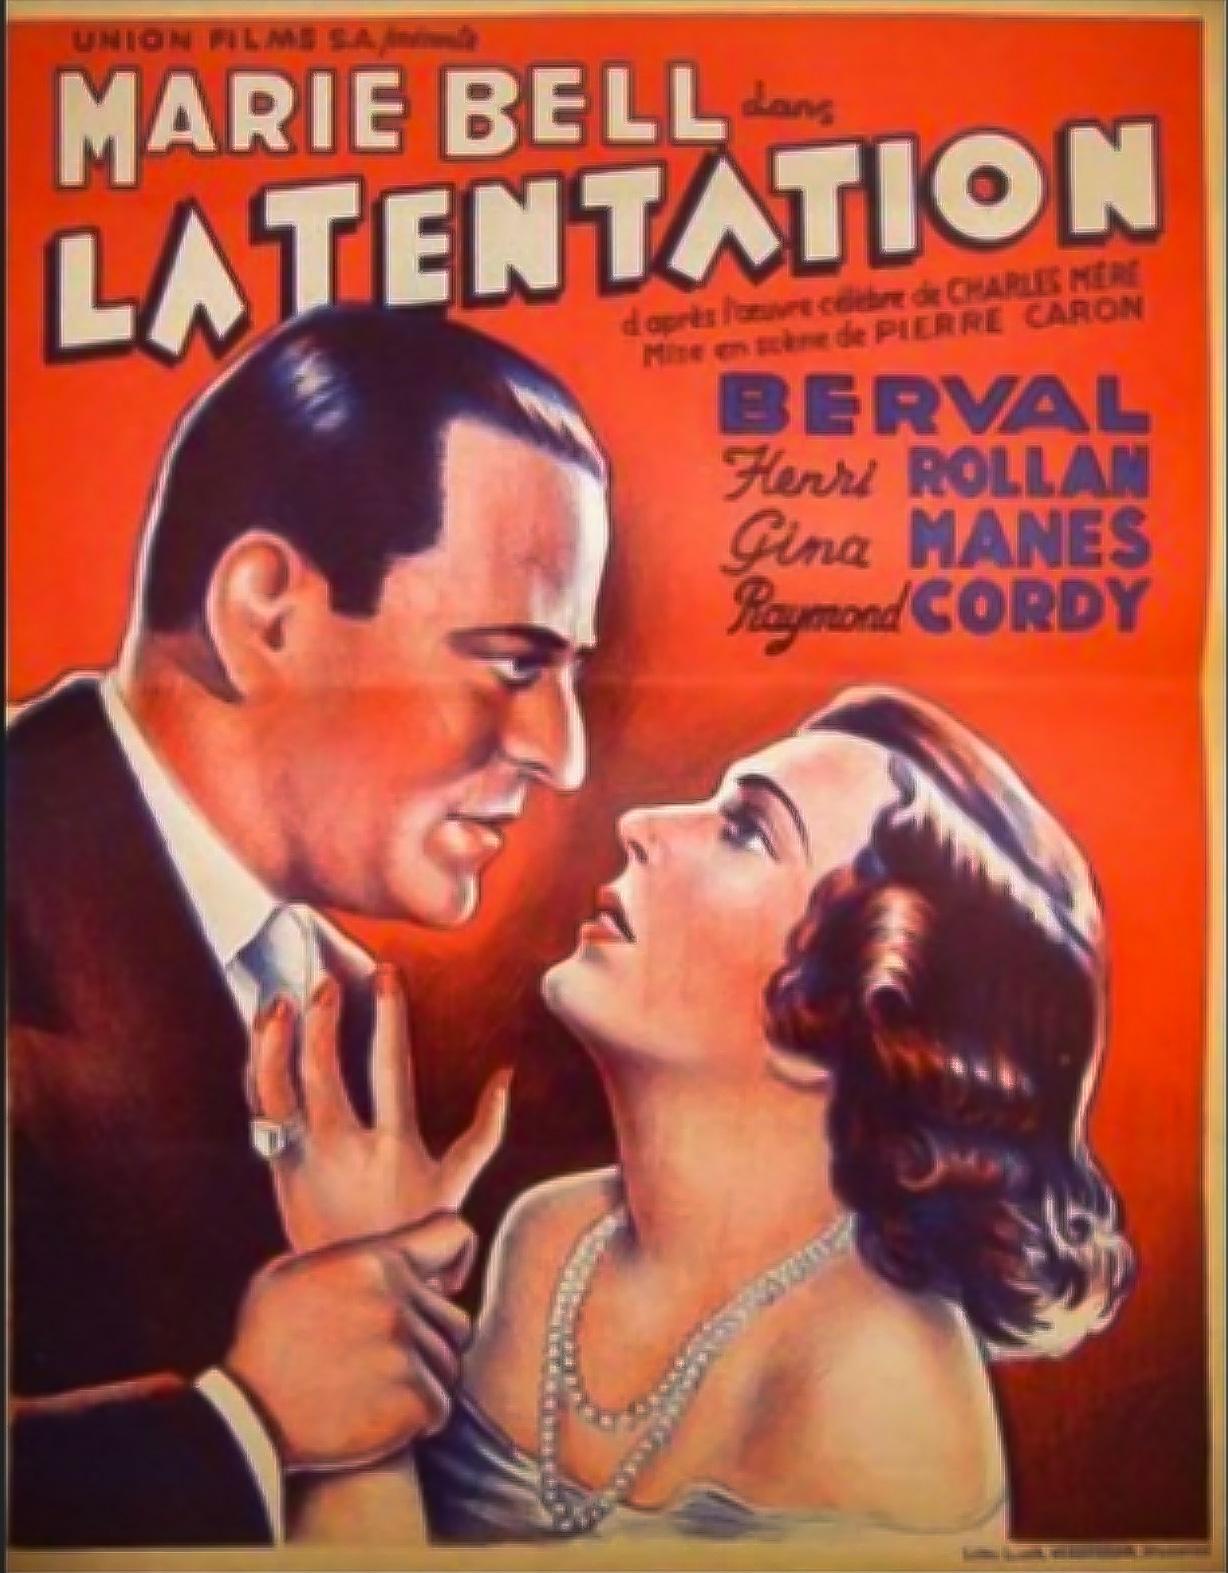 La tentation (1936)